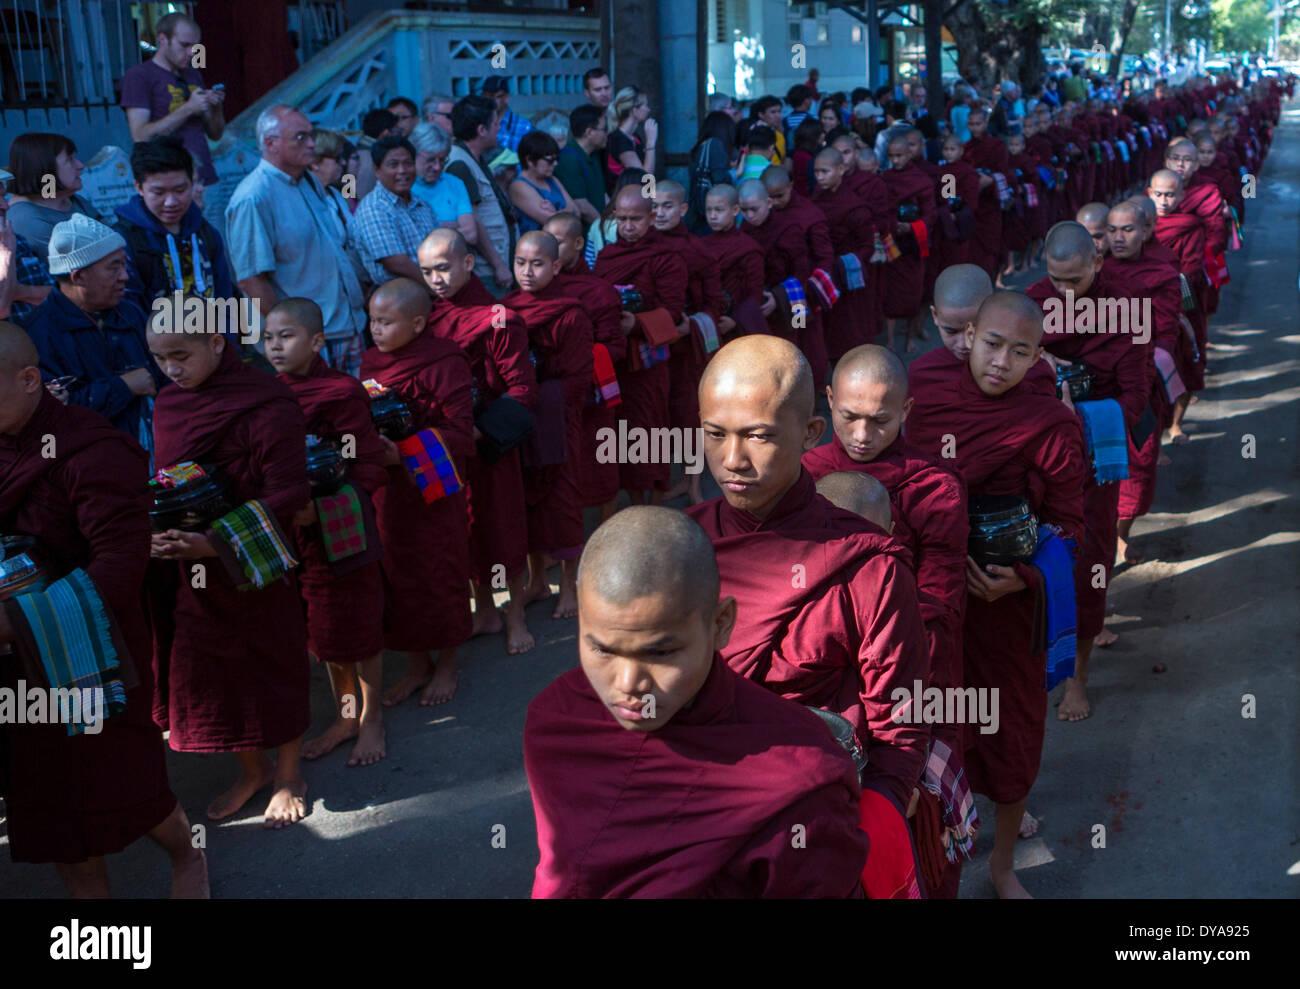 Mandalay Myanmar Birmanie Asie attraction Parade cue de distribuer des aliments monastère des moines prier religion tradition touristes Photo Stock